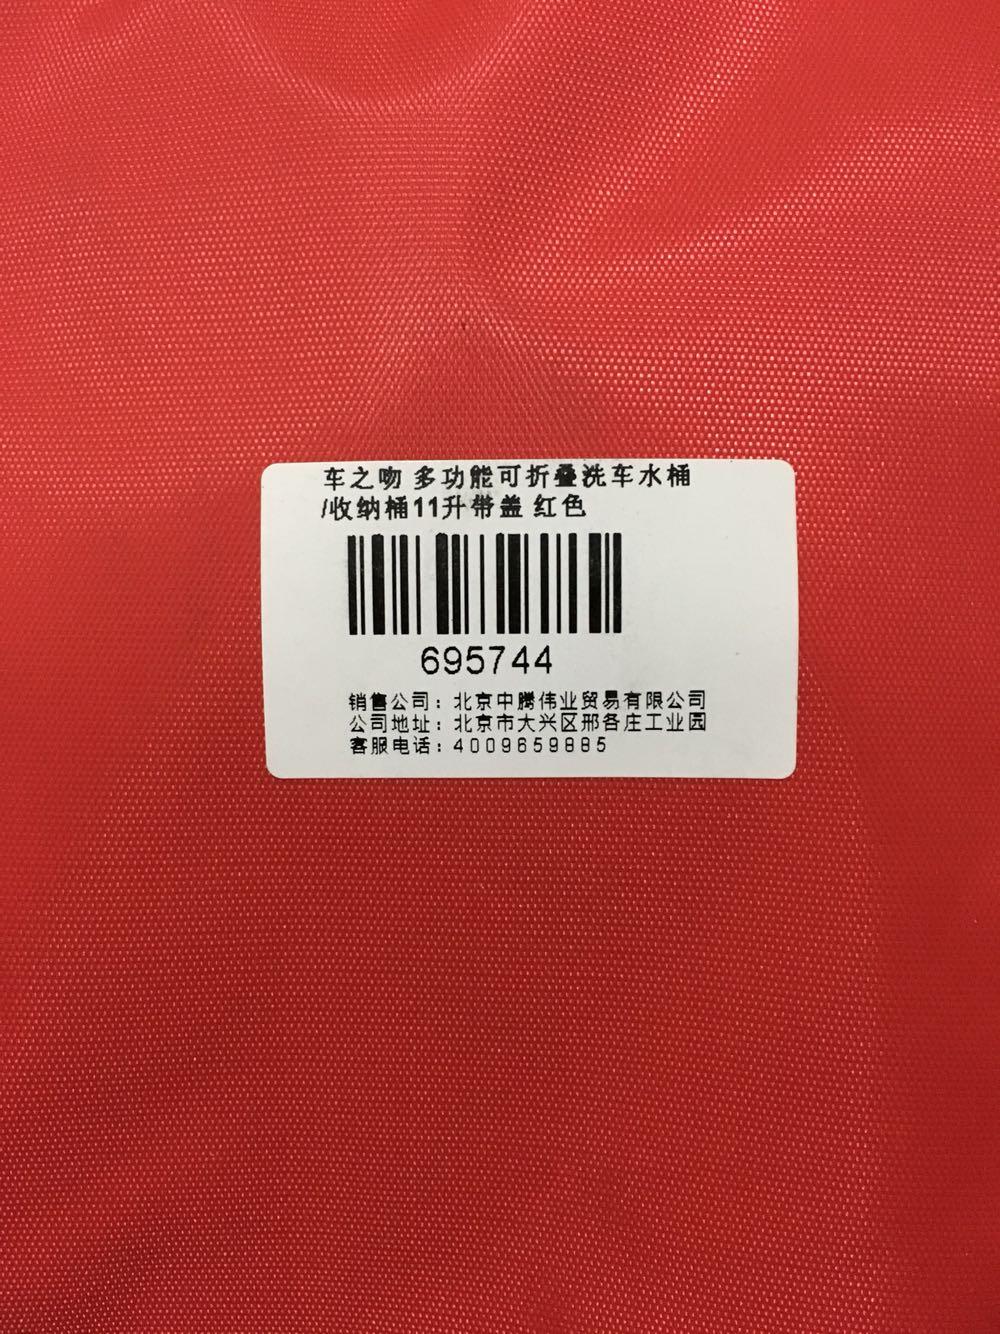 air max 90 shop 00228995 fake